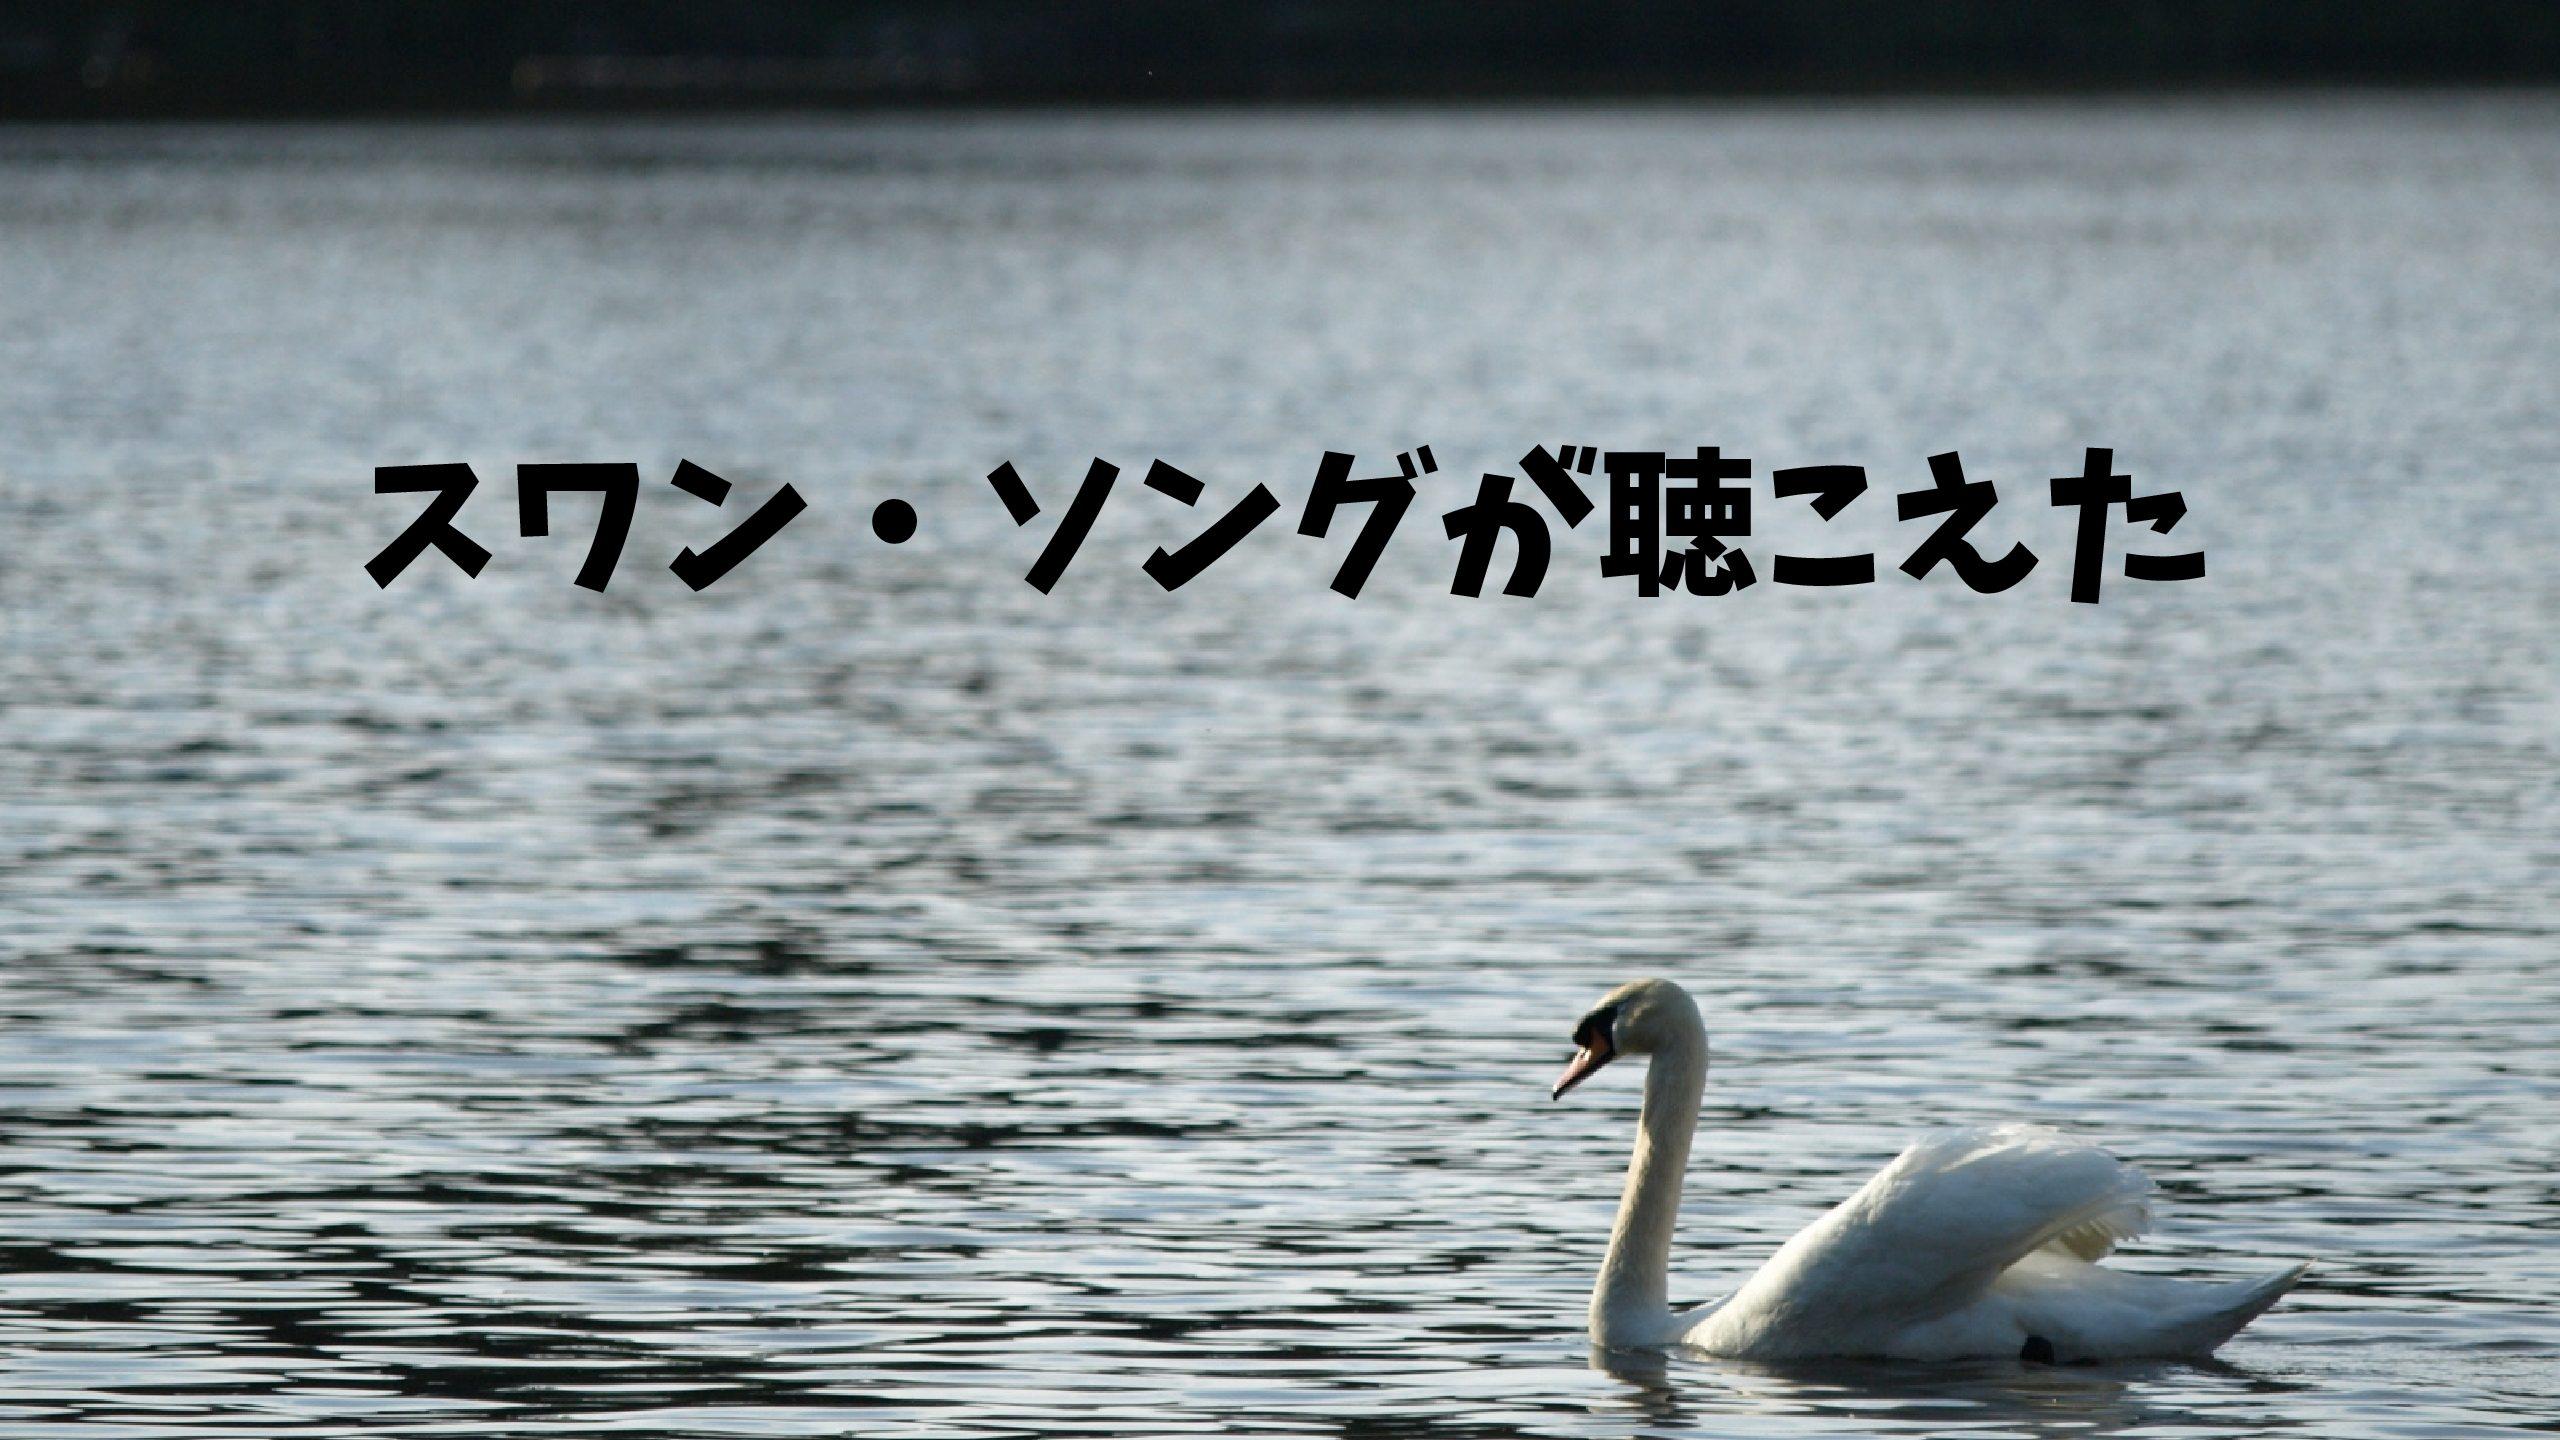 【映画】『ミッドナイトスワン』を観ての感想【レビュー】